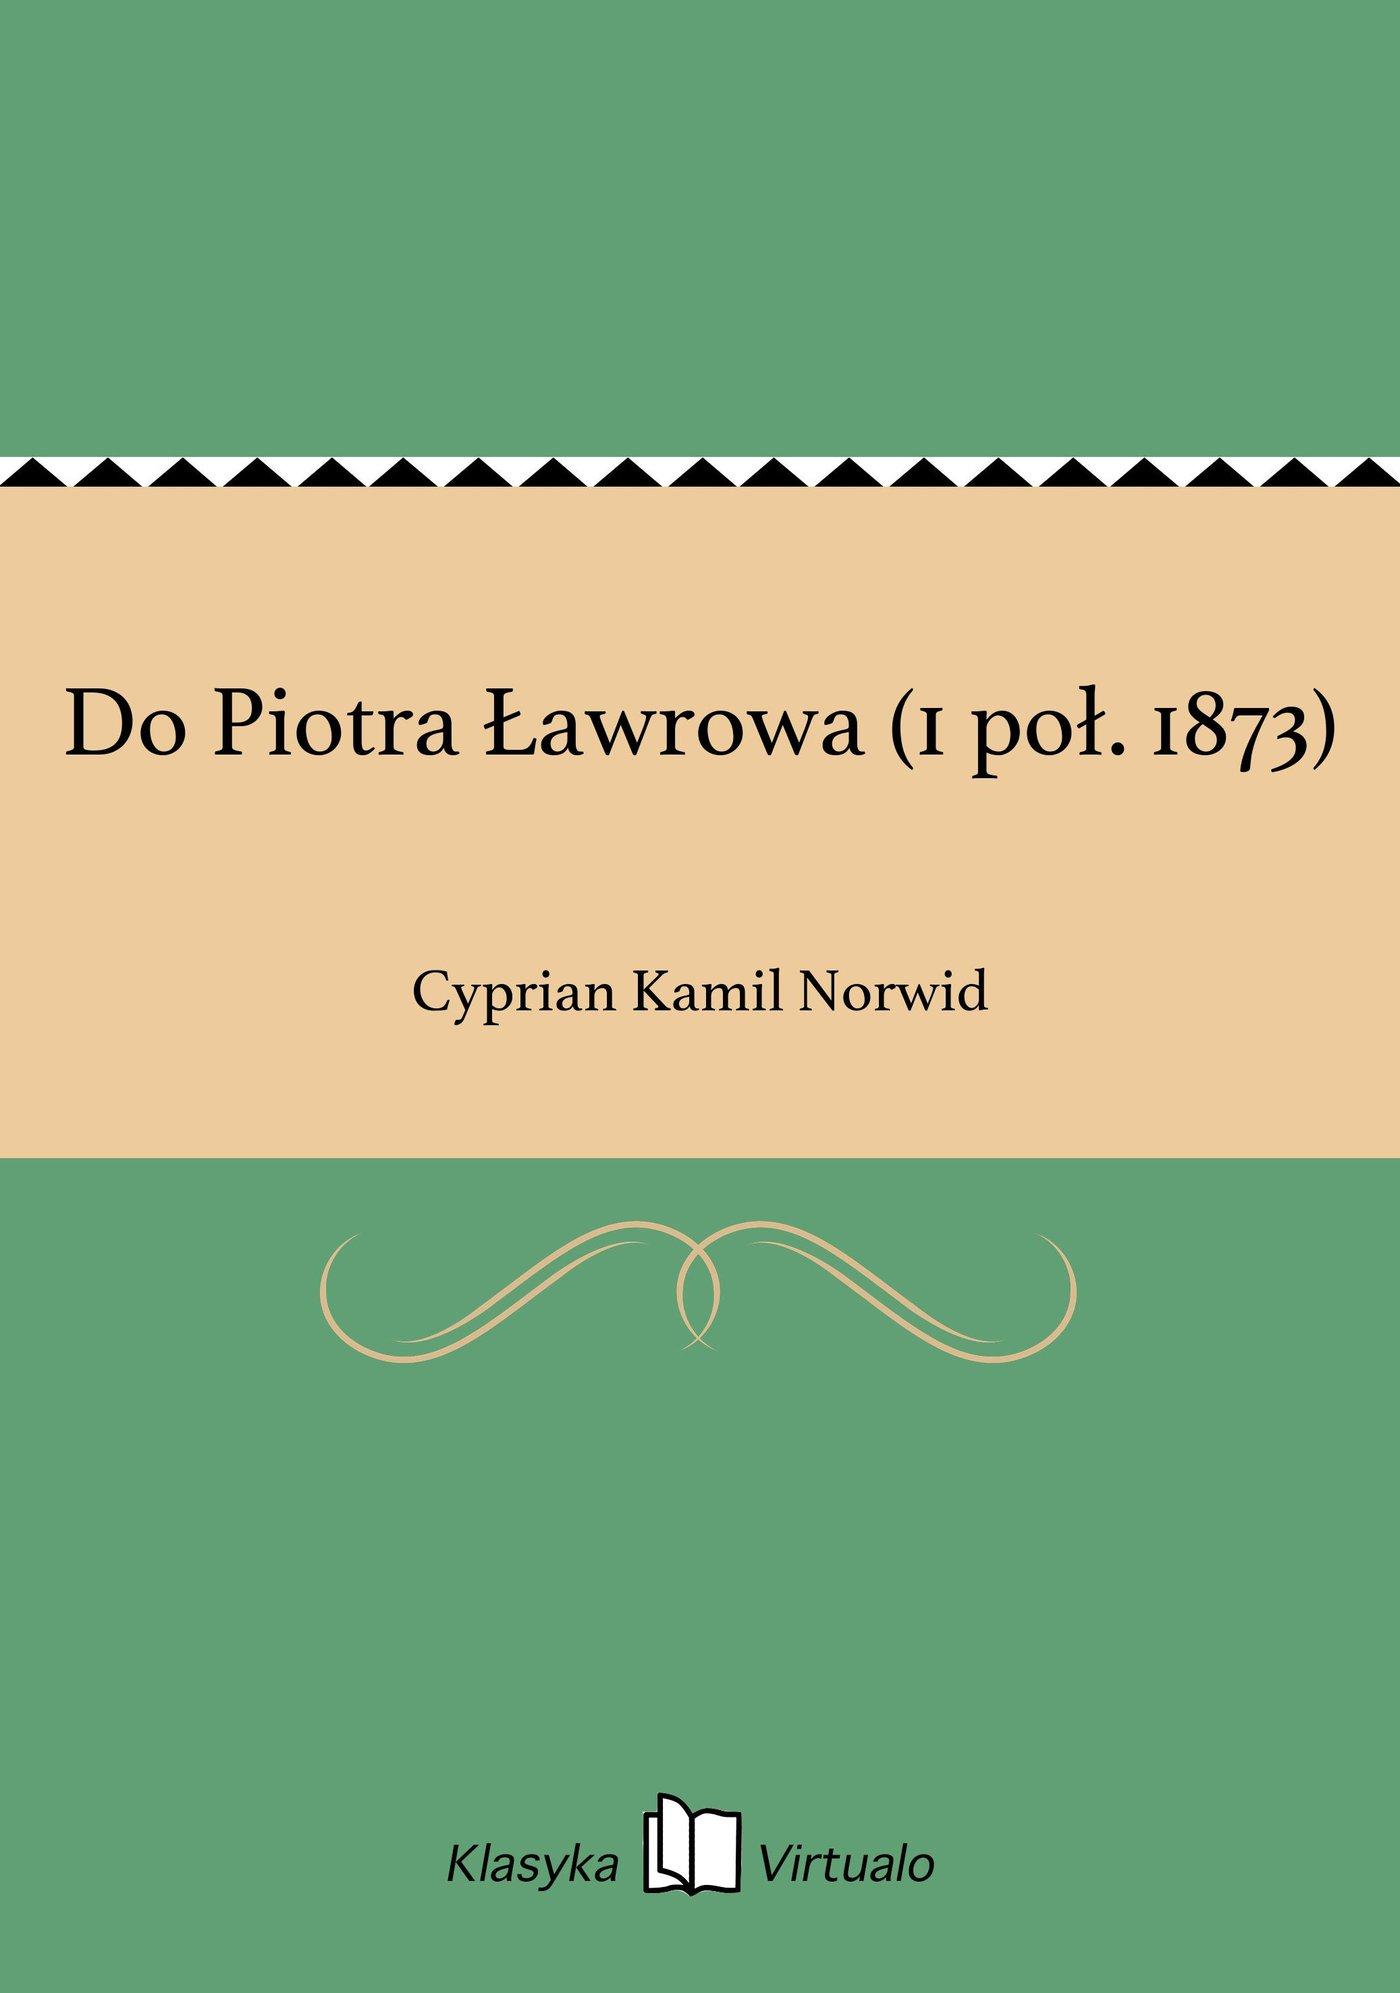 Do Piotra Ławrowa (1 poł. 1873) - Ebook (Książka EPUB) do pobrania w formacie EPUB